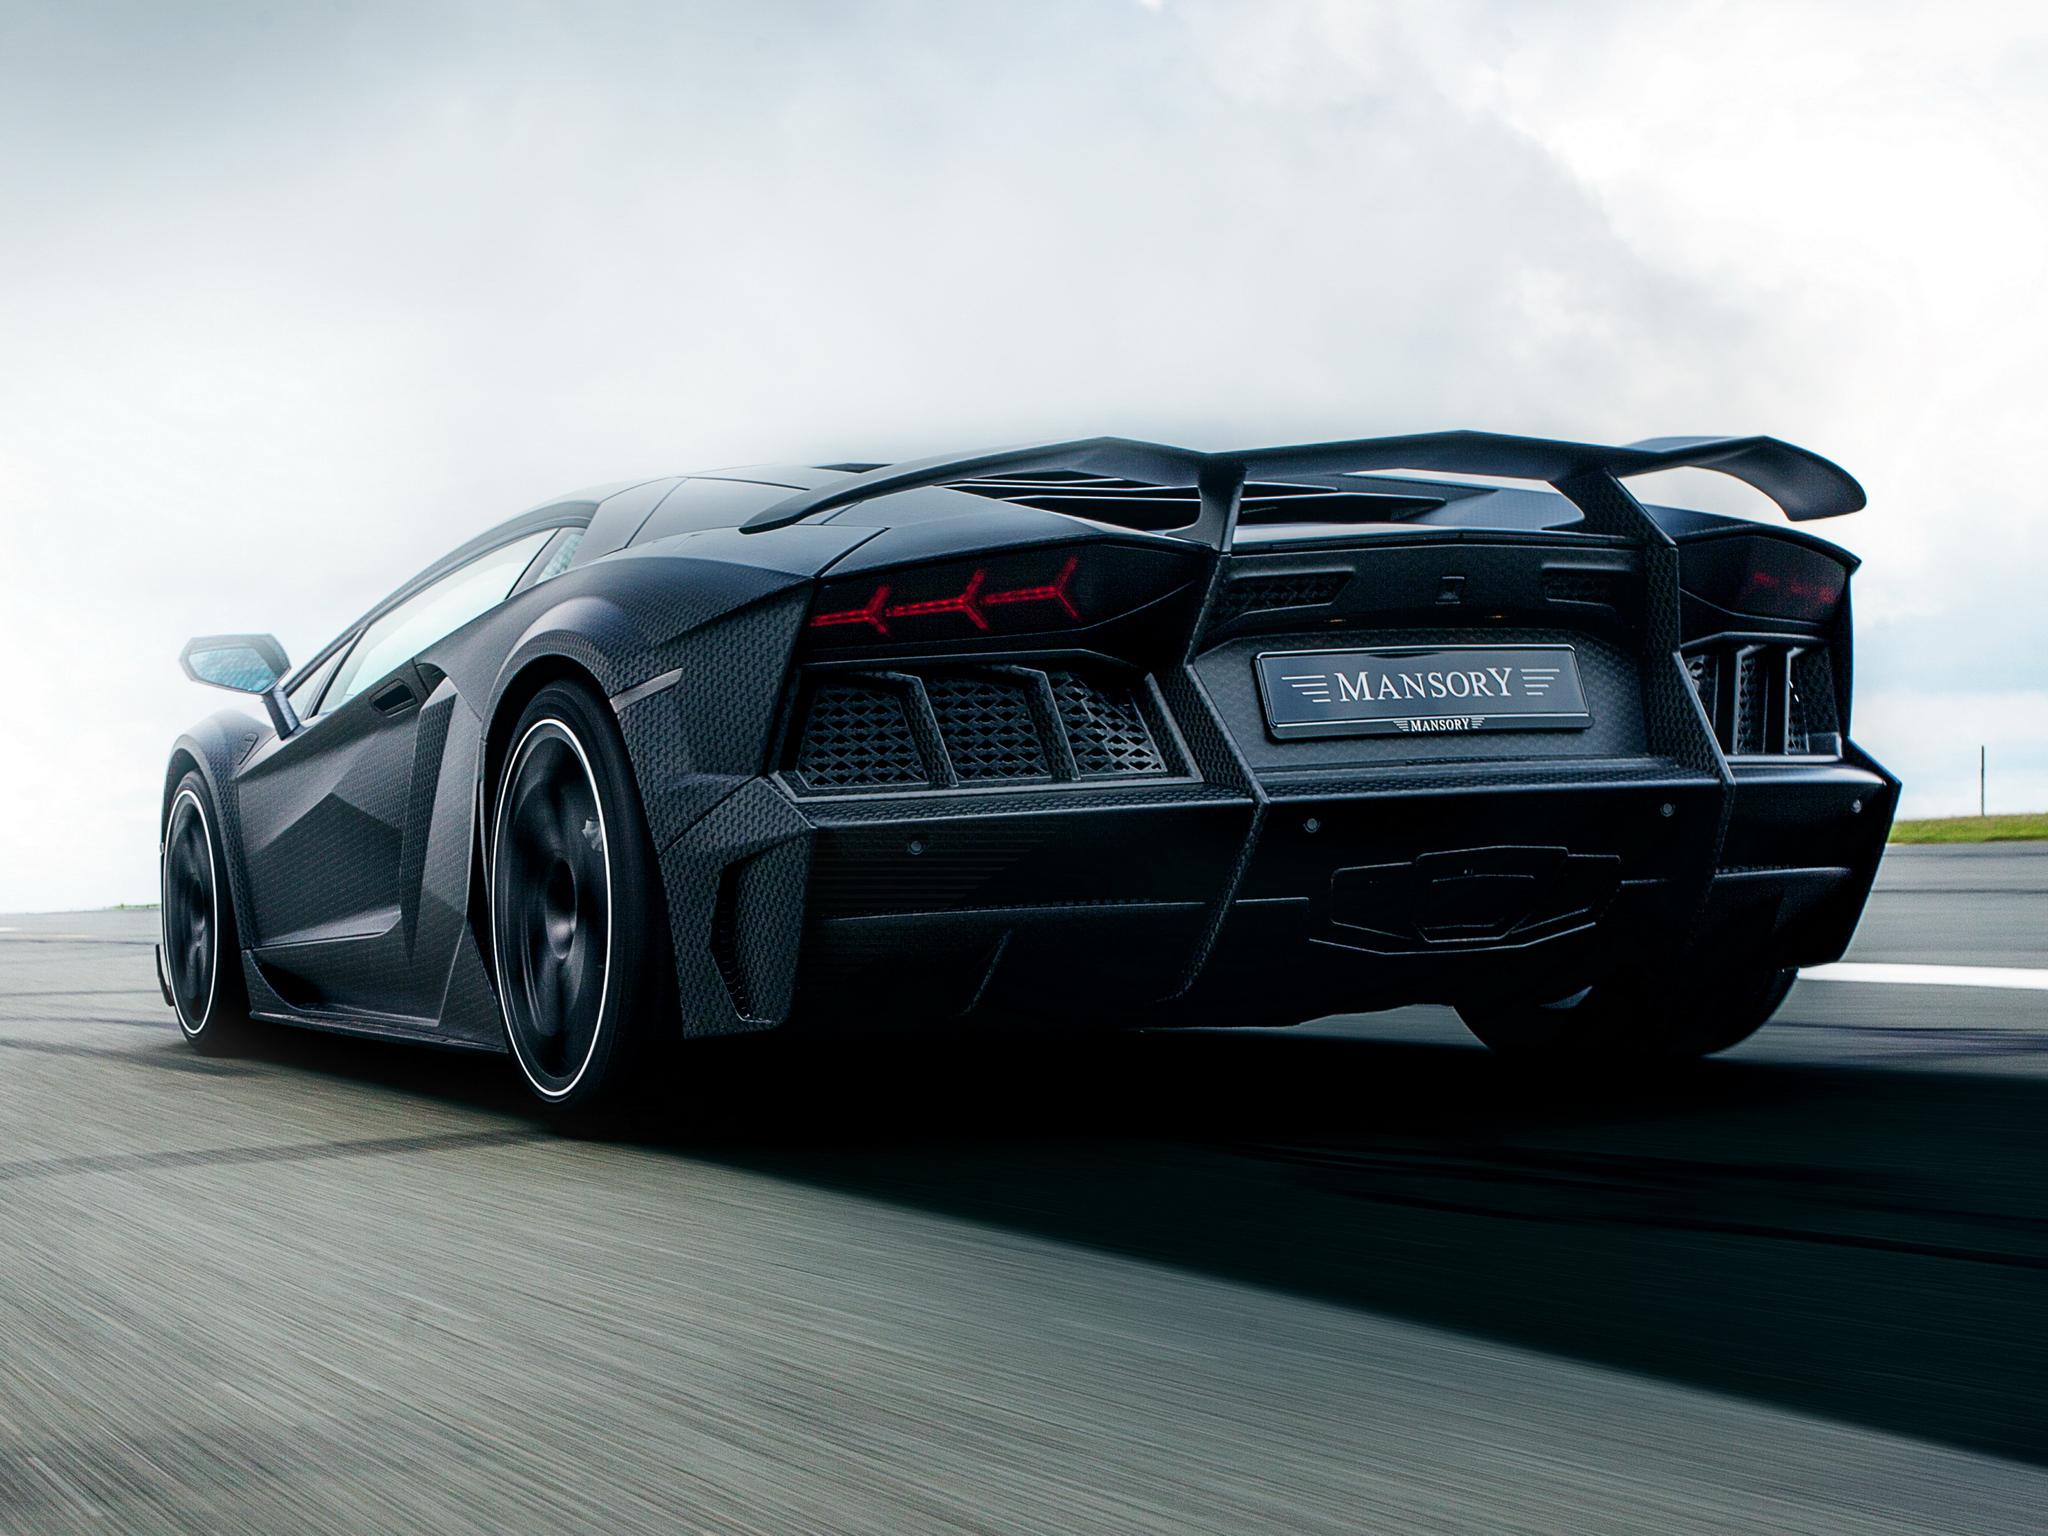 Lamborghini Aventador LP700 4 Carbonado LB834 supercar g wallpaper 2048x1536